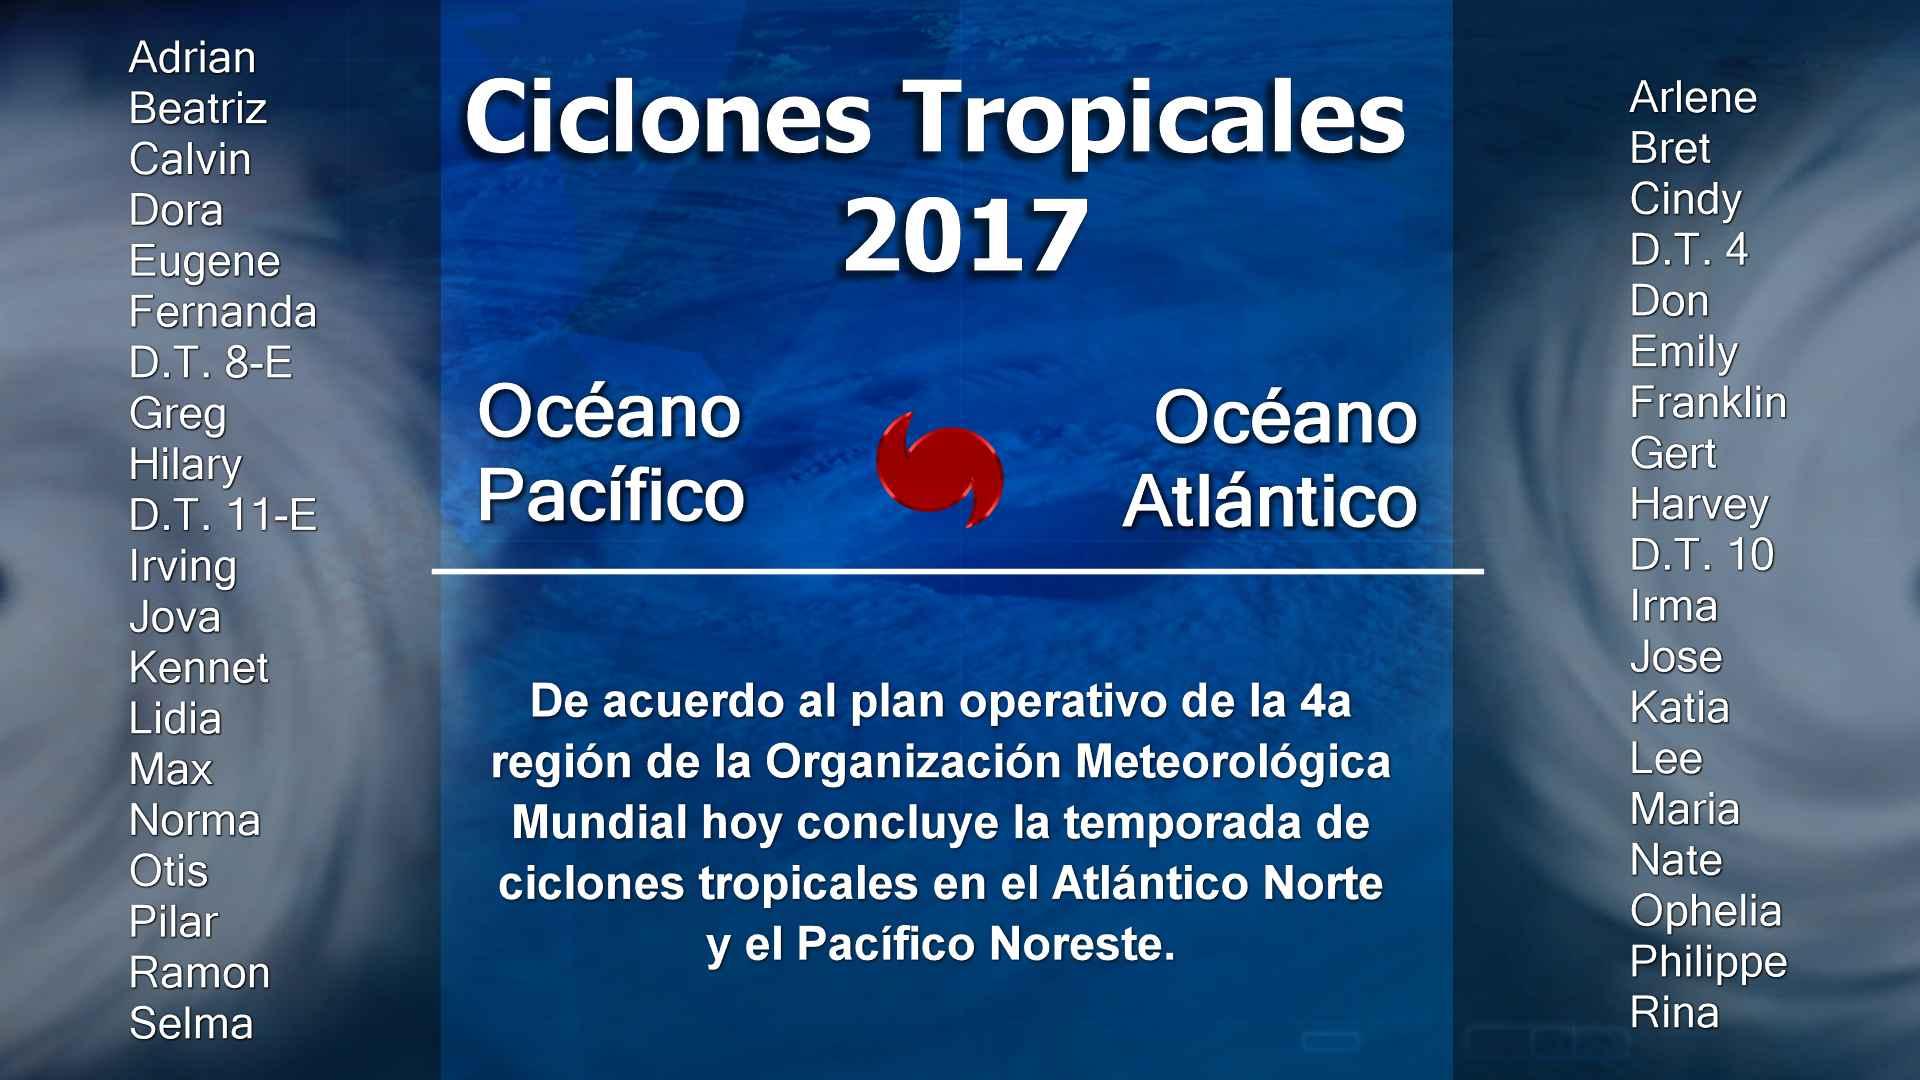 Concluye hoy la Temporada de Ciclones Tropicales 2017